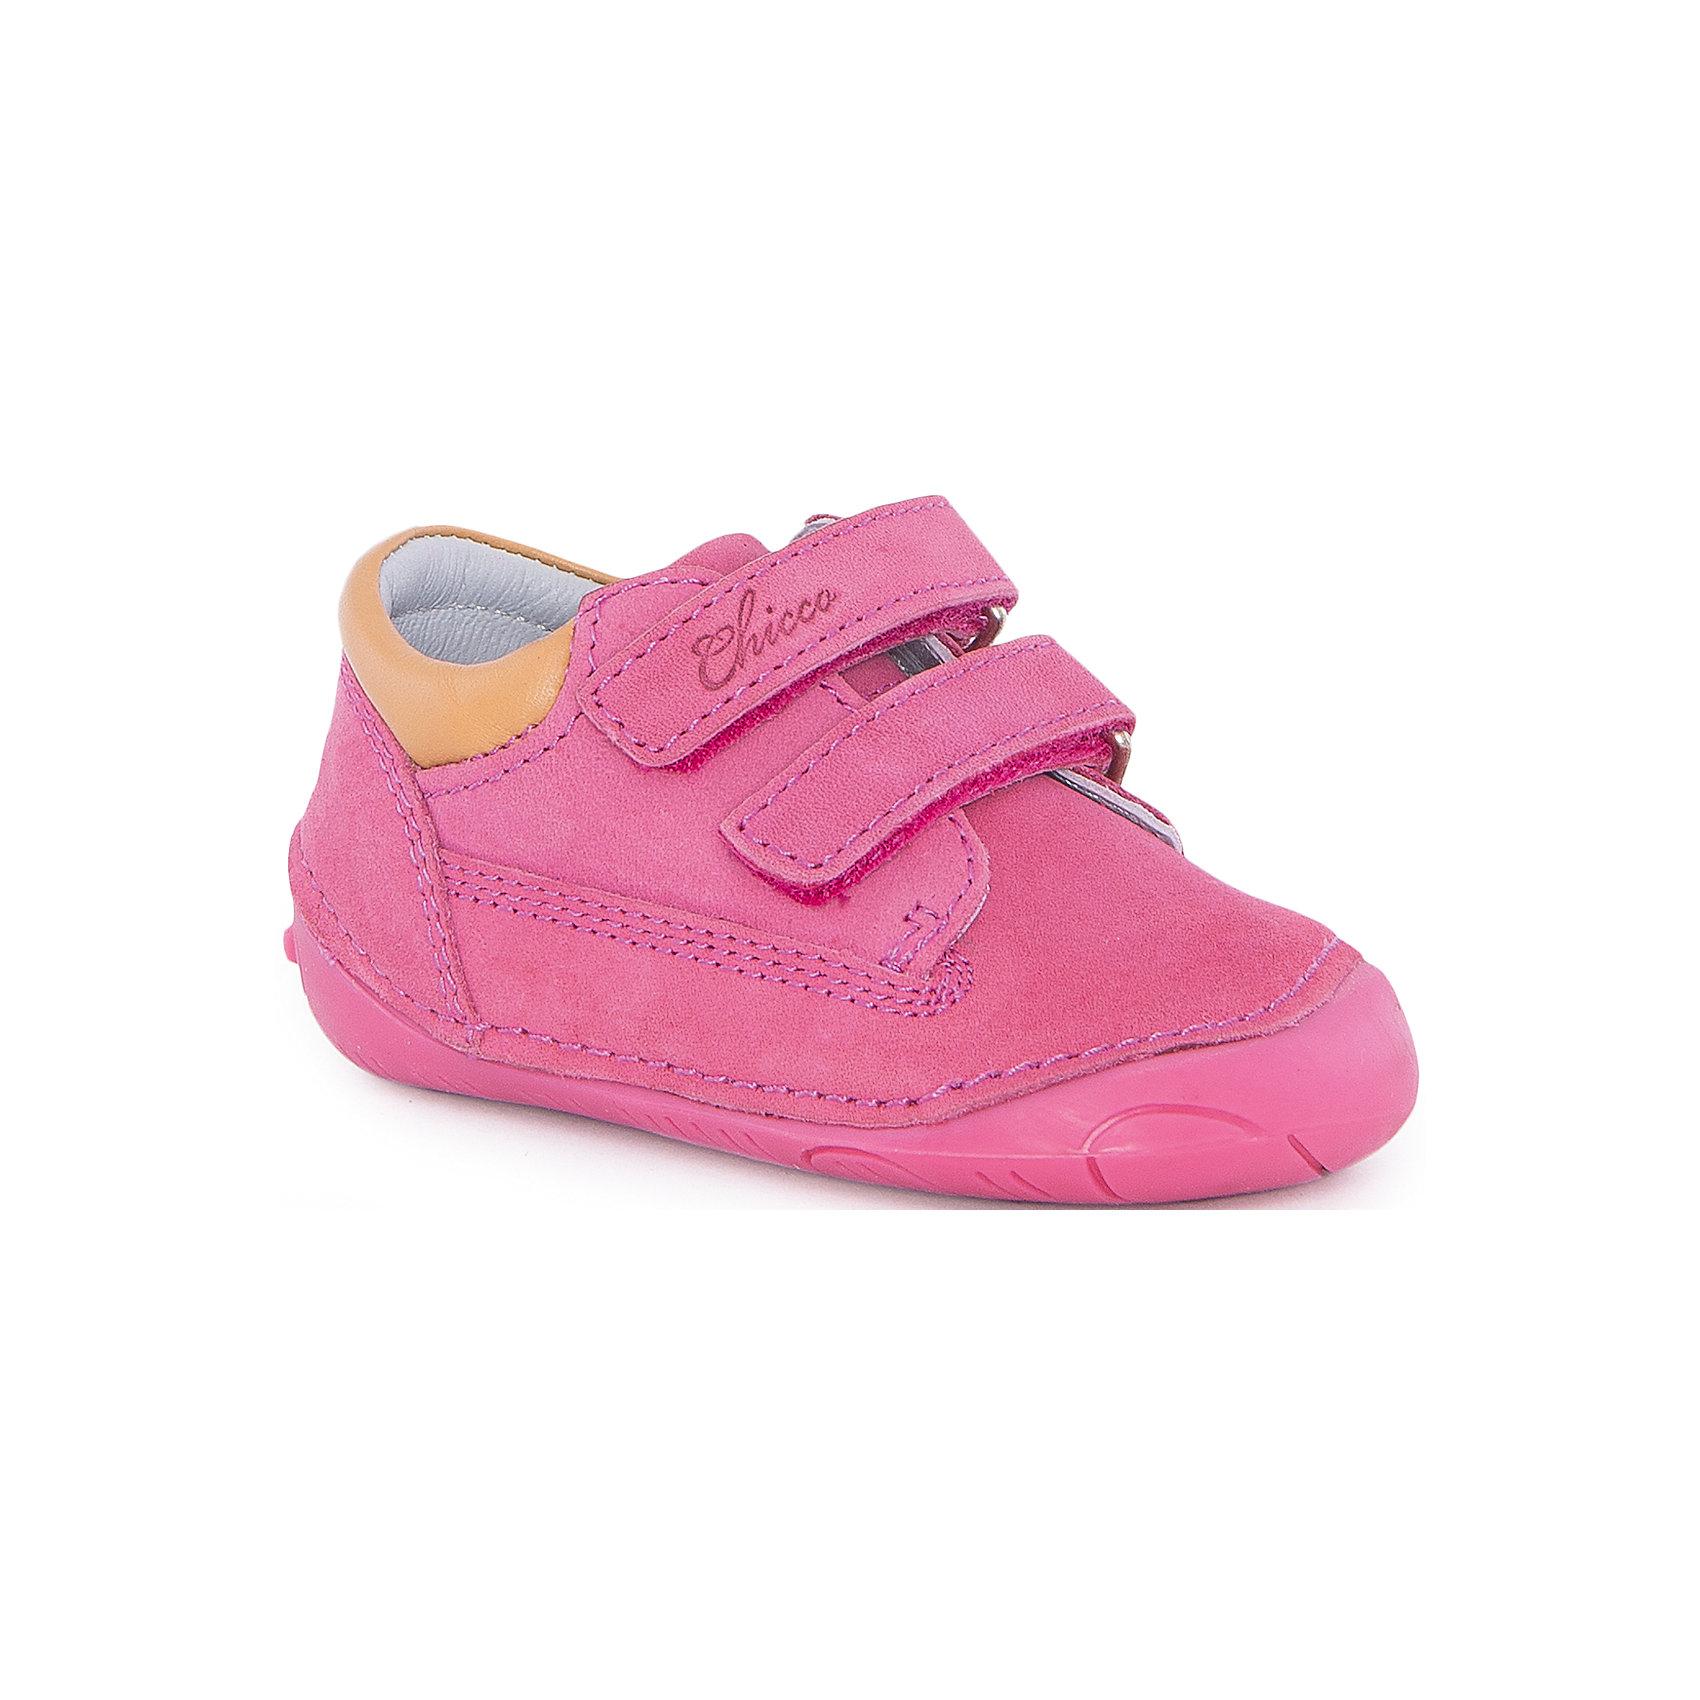 Полуботинки  для мальчика  CHICCOБотинки<br>Полуботинки для девочки CHICCO<br><br>Характеристики:<br><br>Тип застежки: липучки, 2 шт.<br>Тип обуви: спортивные<br>Особенности обуви: усиленный носок<br>Декоративные элементы: контрастный задник<br>Цвет: фуксия<br><br>Материал: 100% кожа<br><br>Полуботинки для девочки CHICCO можно купить в нашем интернет-магазине.<br><br>Ширина мм: 262<br>Глубина мм: 176<br>Высота мм: 97<br>Вес г: 427<br>Цвет: фуксия<br>Возраст от месяцев: 12<br>Возраст до месяцев: 15<br>Пол: Женский<br>Возраст: Детский<br>Размер: 21,19,20<br>SKU: 5082843